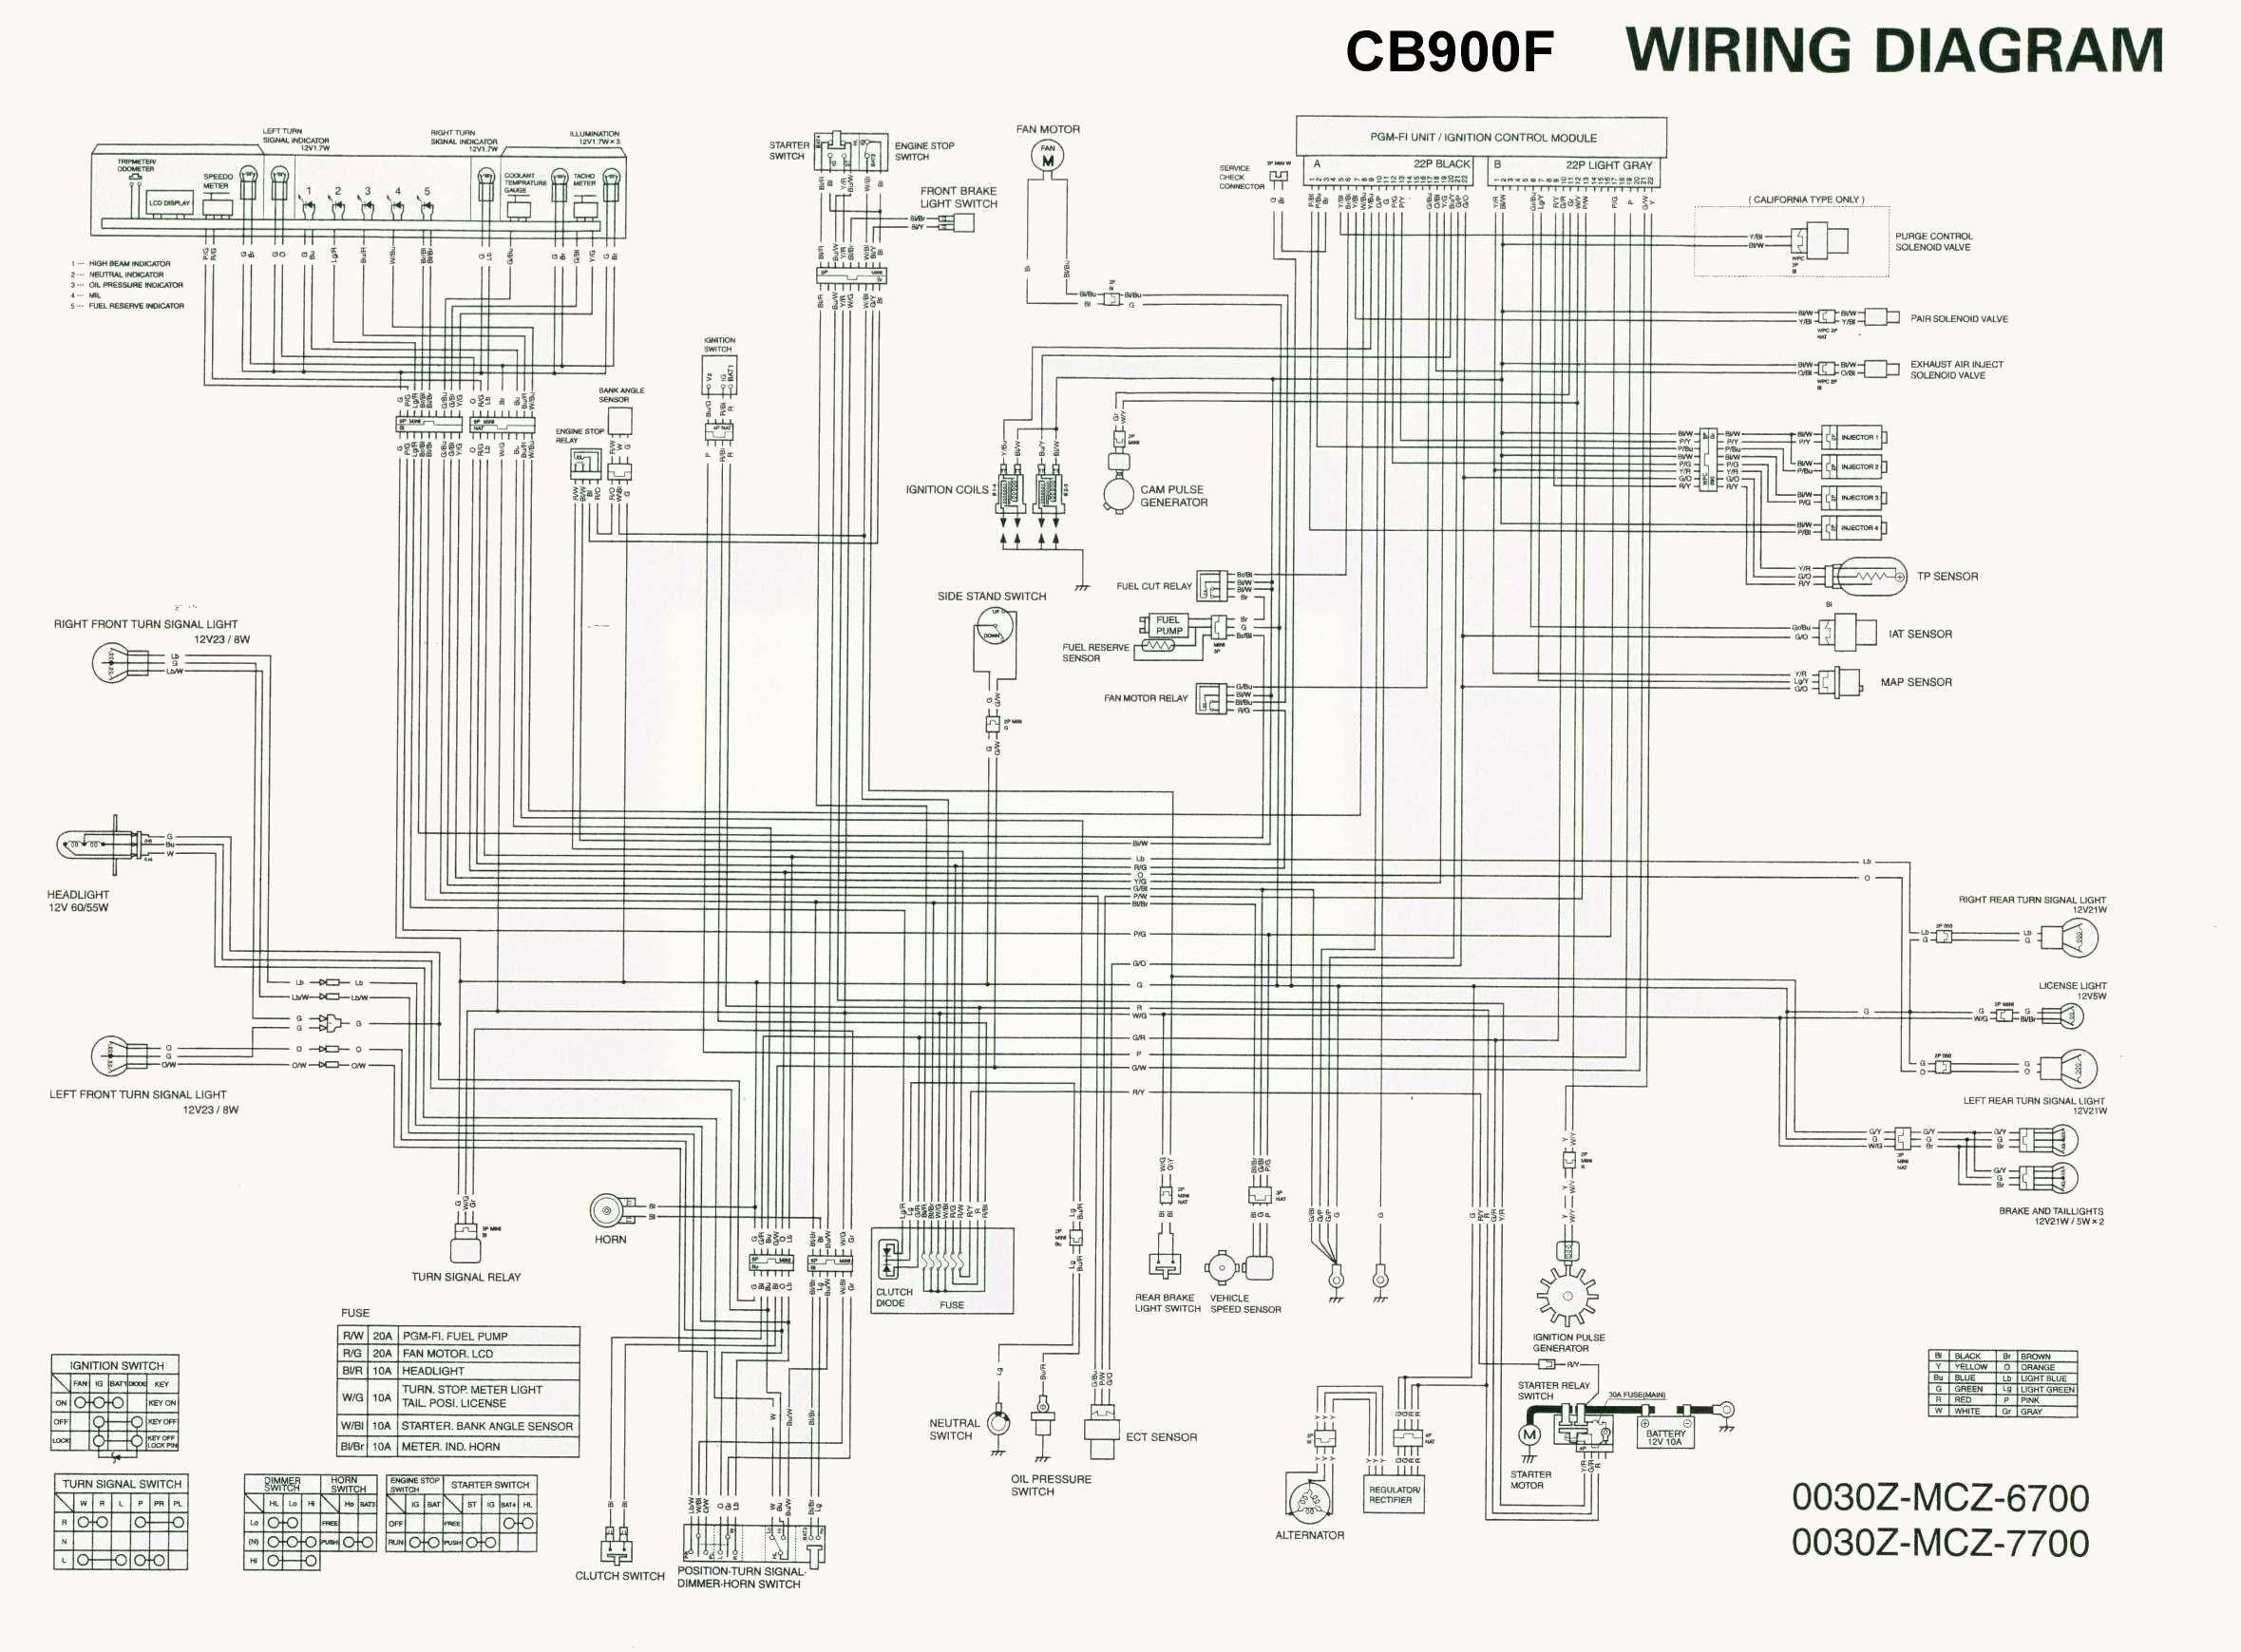 """2 Cylinder Deere Wiring Dan S Motorcycle """"various Wiring Systems and Diagrams"""" Of 2 Cylinder Deere Wiring"""